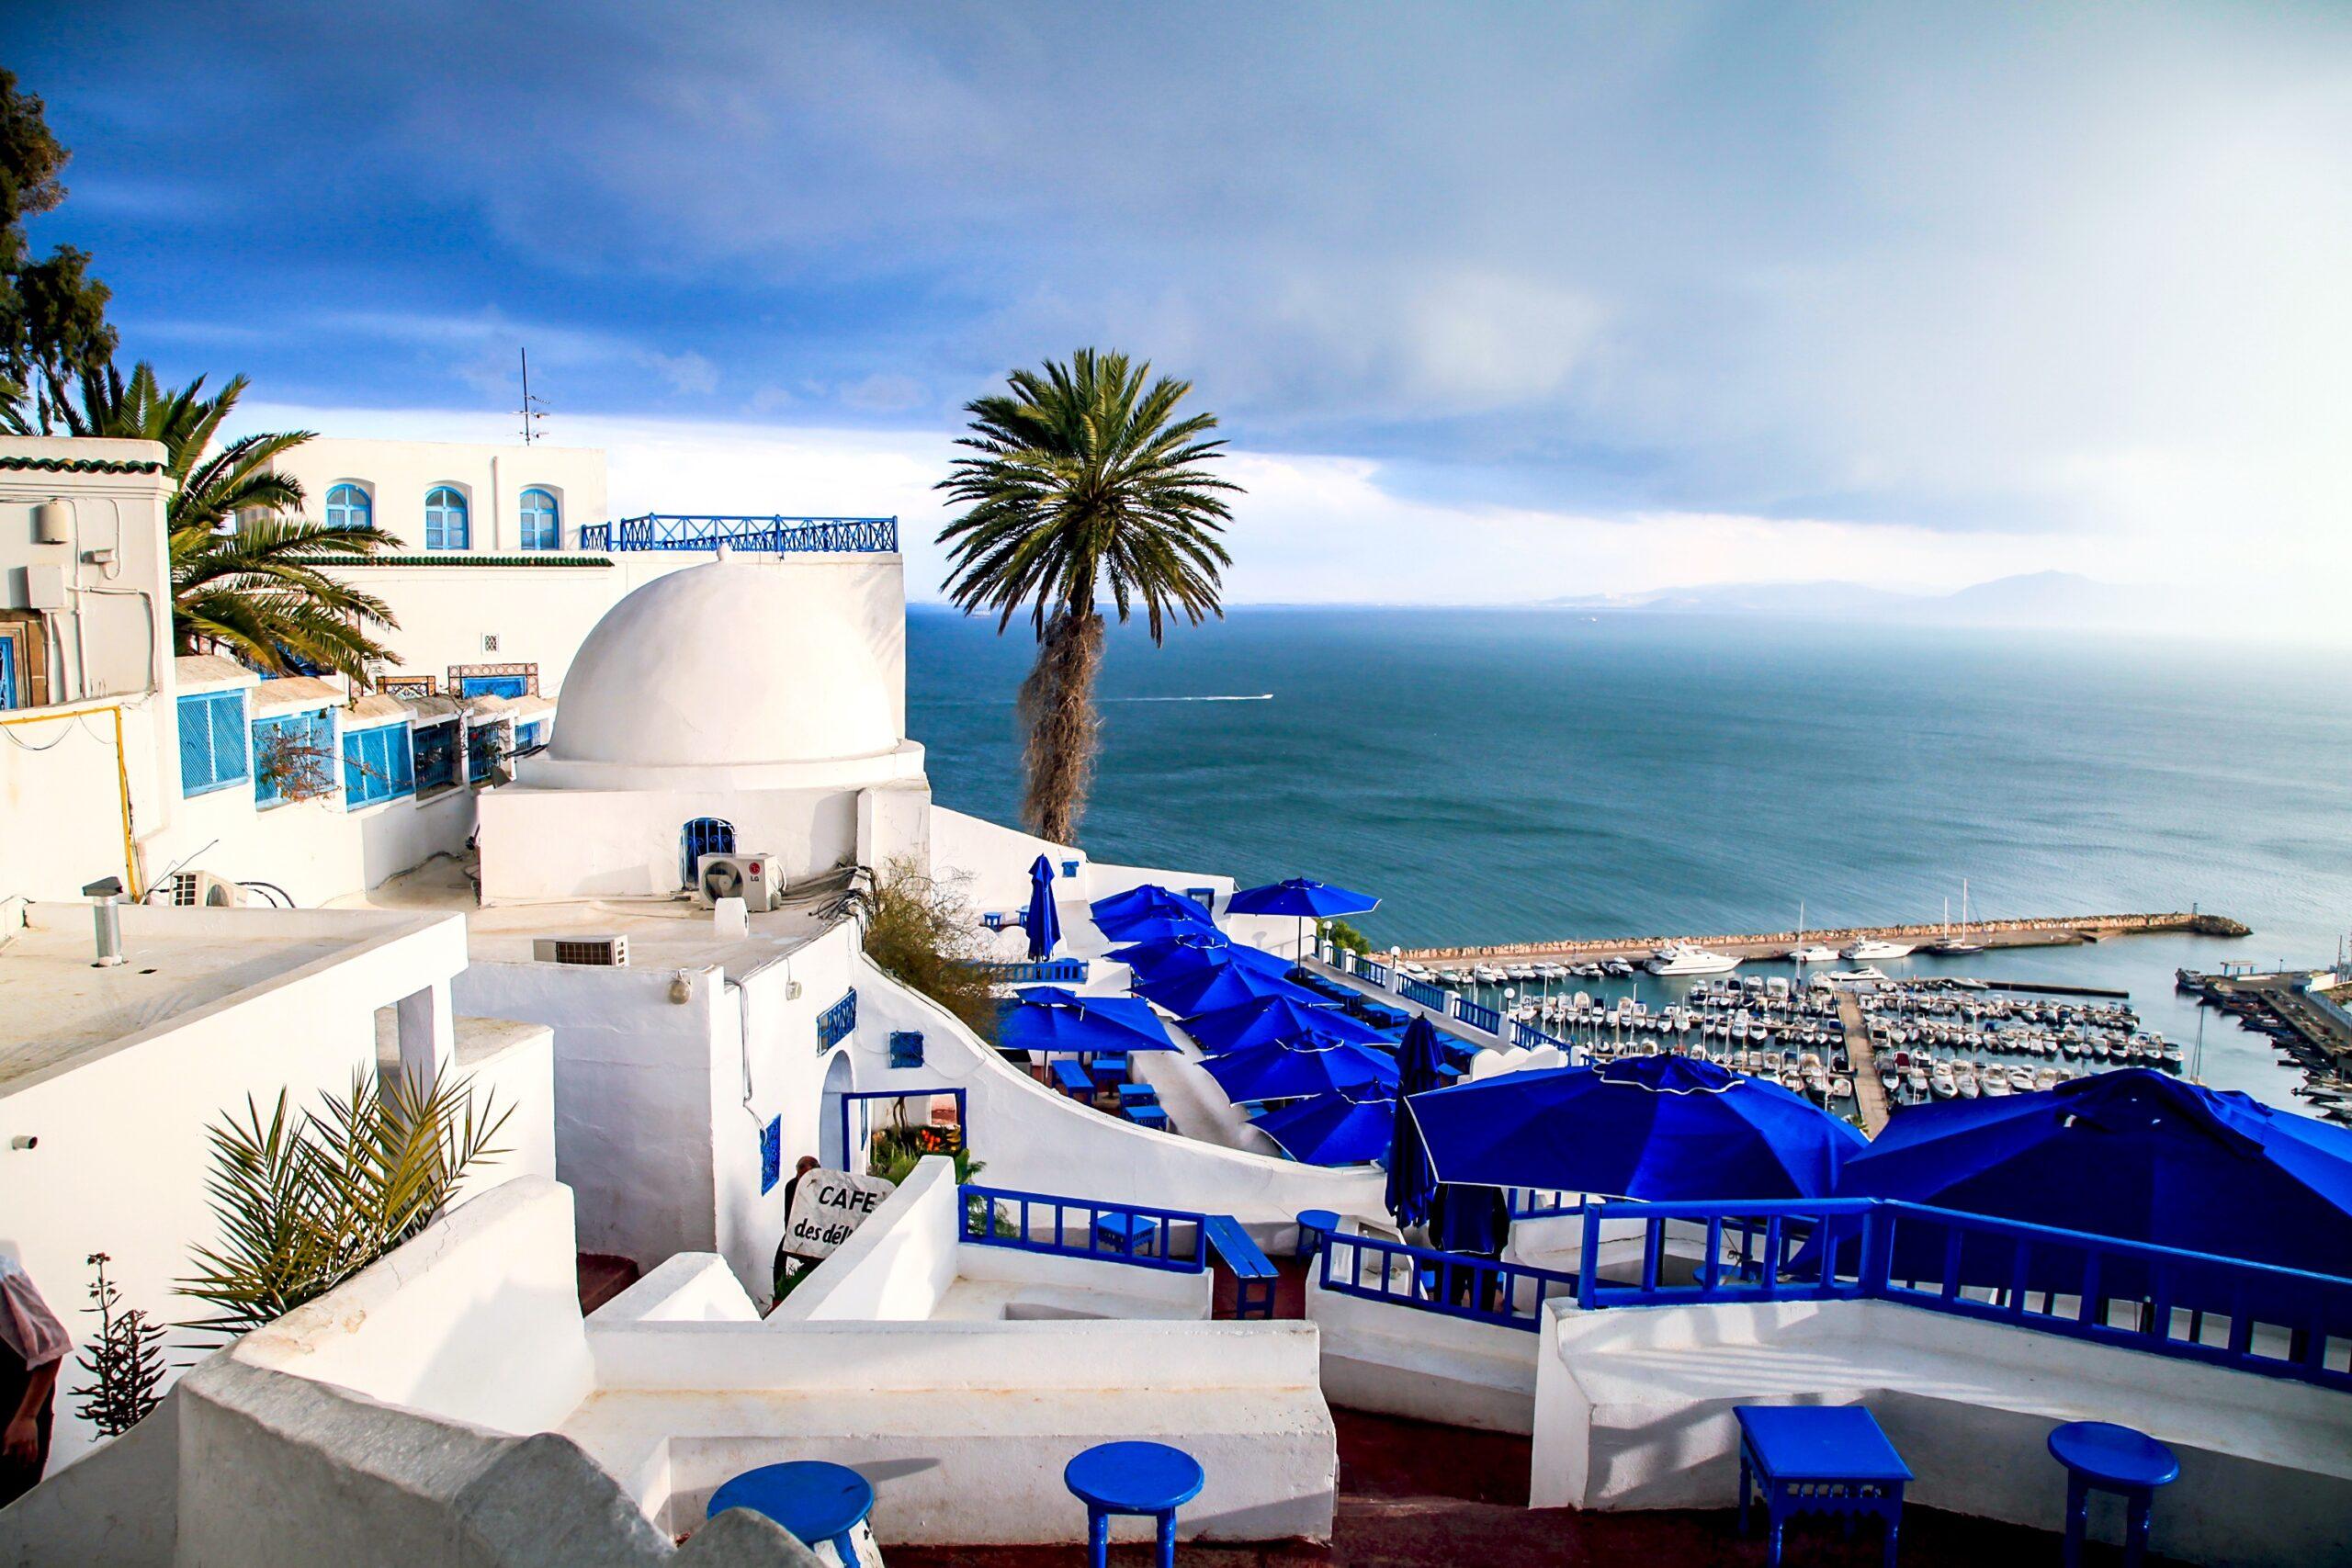 الدليل السياحي الشامل لأهم المزارات والمدن السياحية في تونس